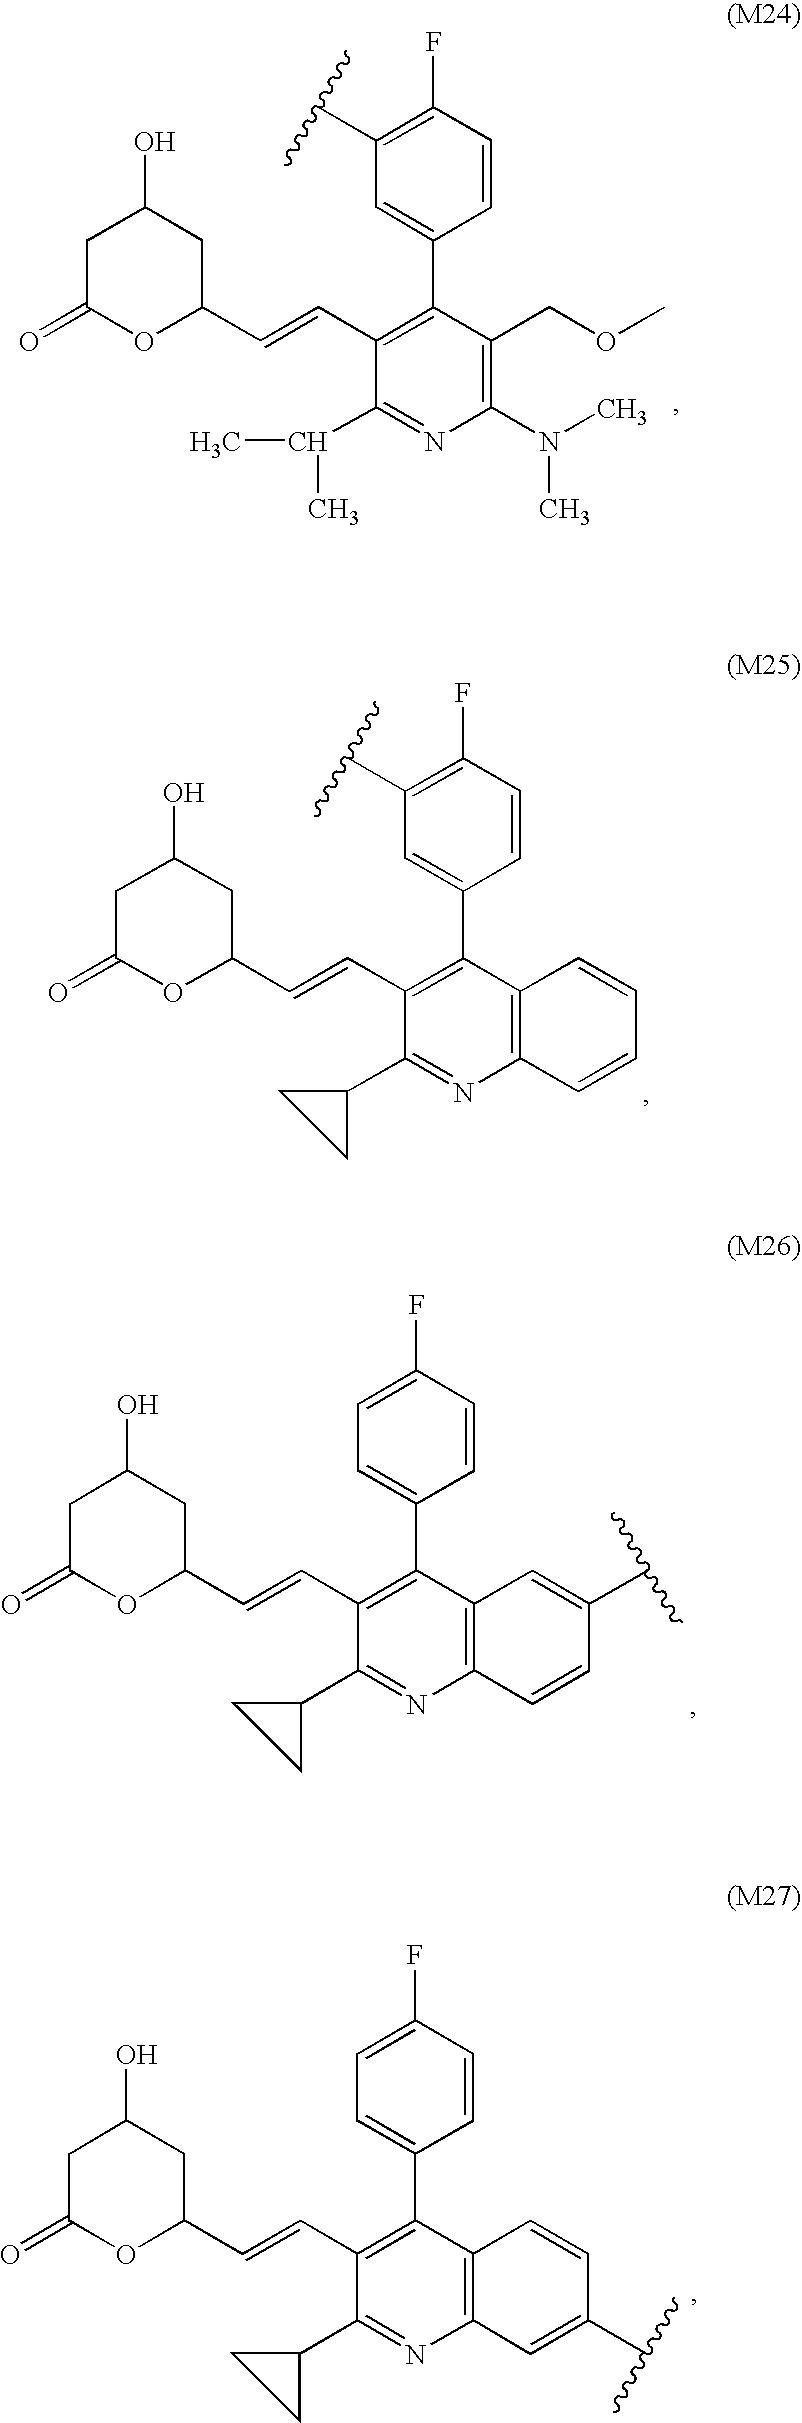 Figure US07459442-20081202-C00047